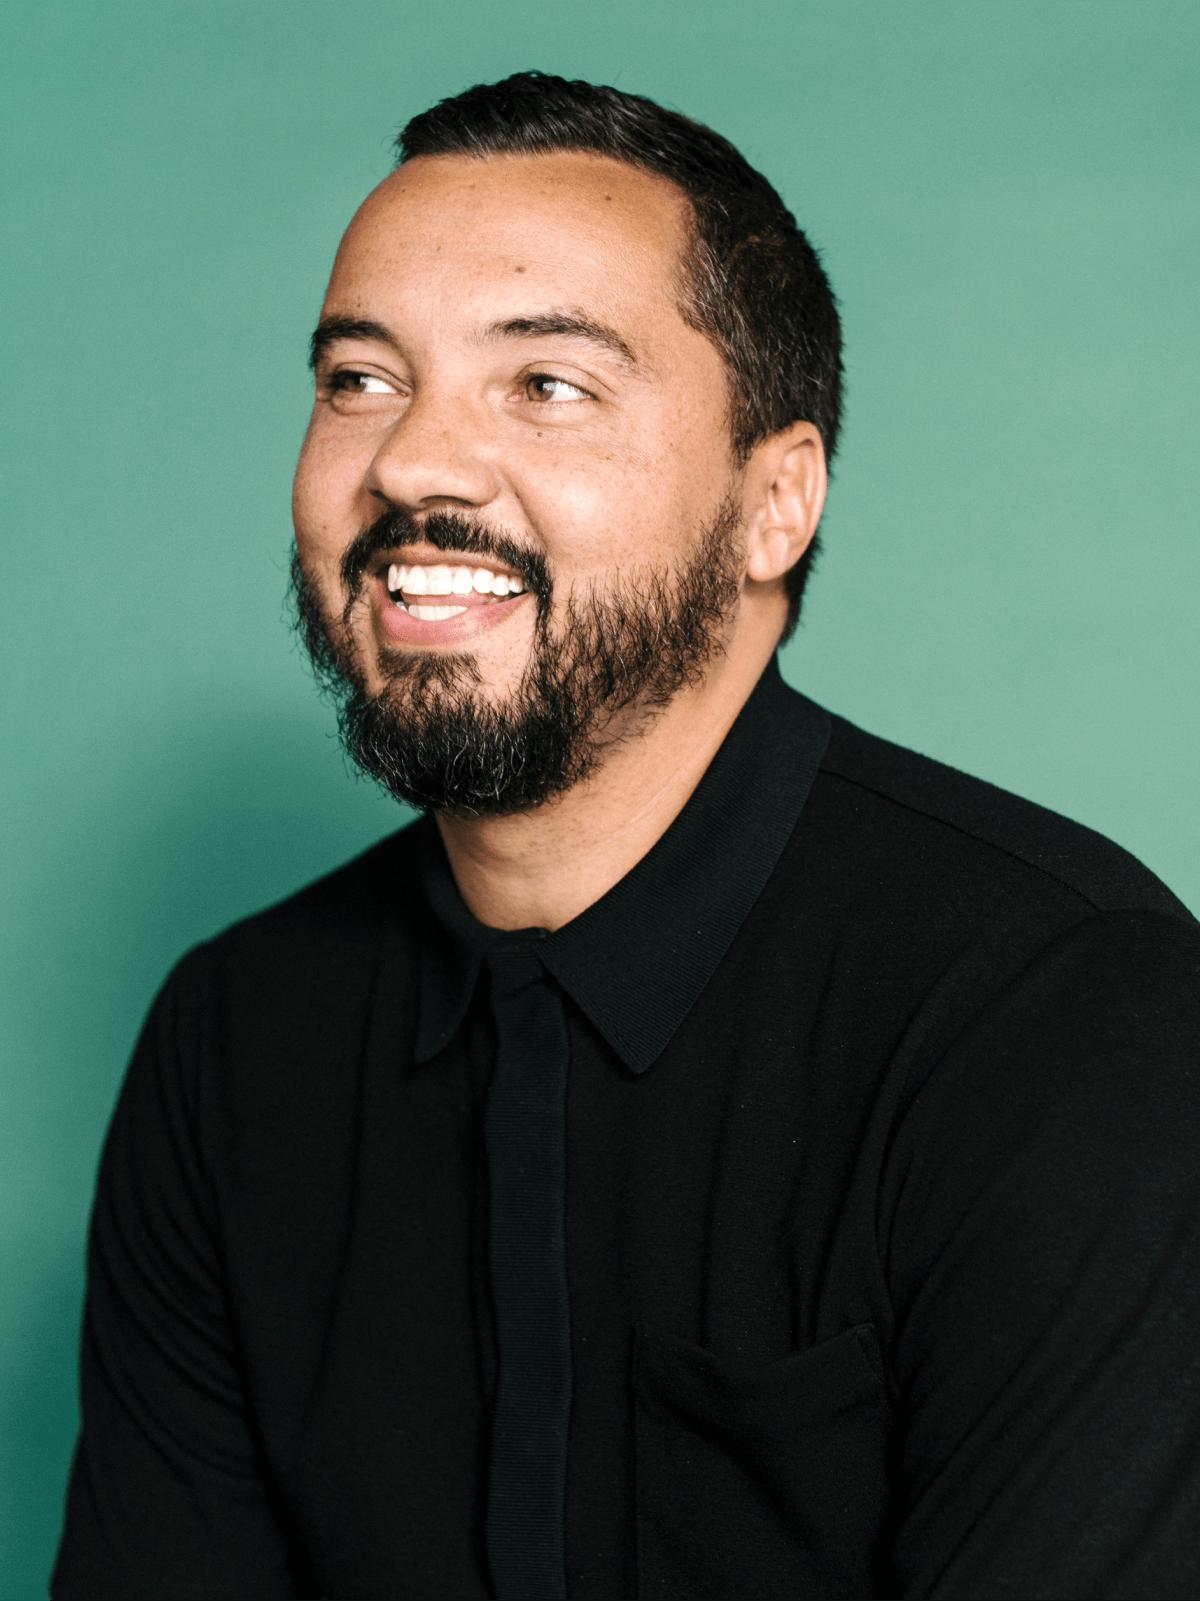 Man in black shirt laughing